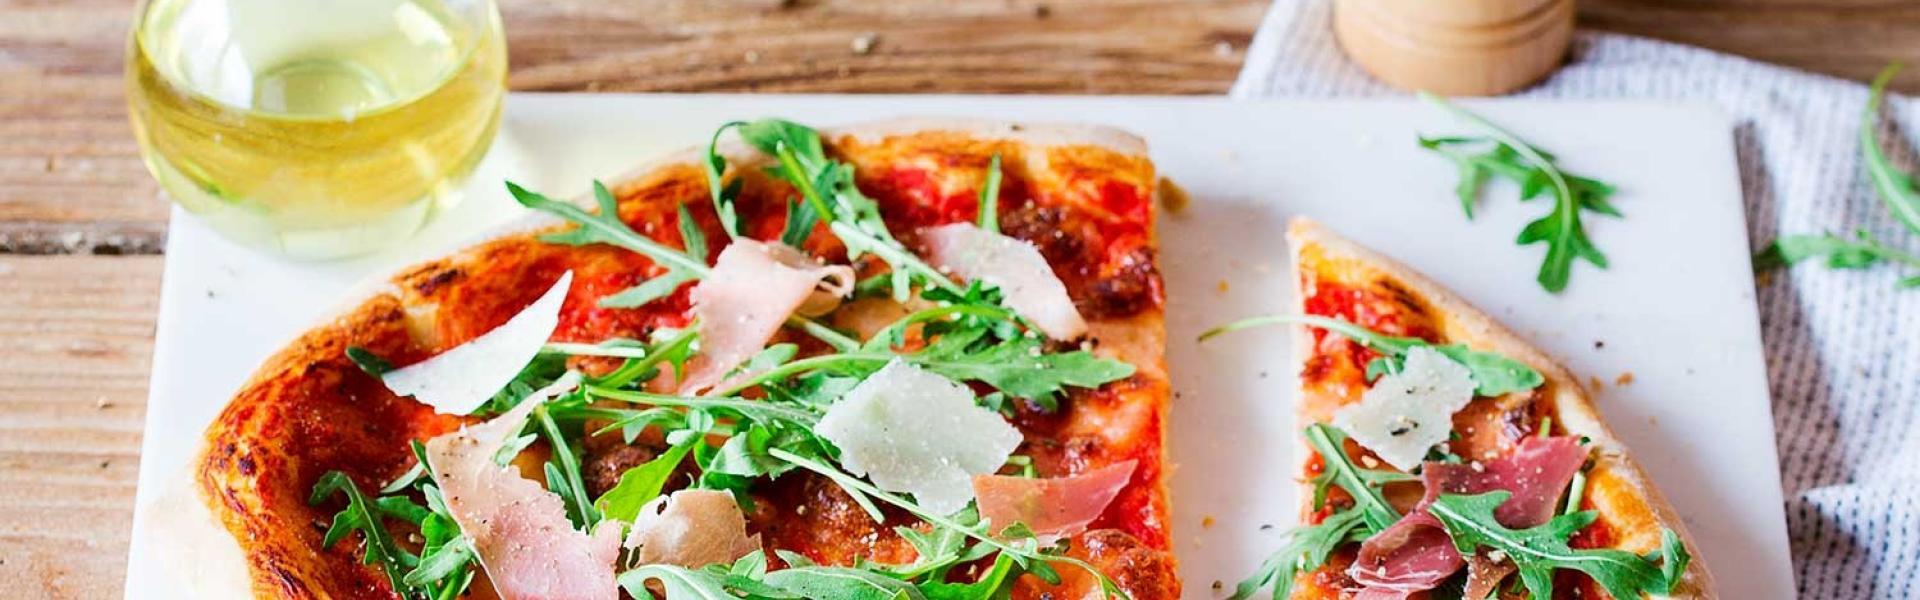 Pizza Parma mit Rucola halbiert auf Marmorplatte auf Holztisch.